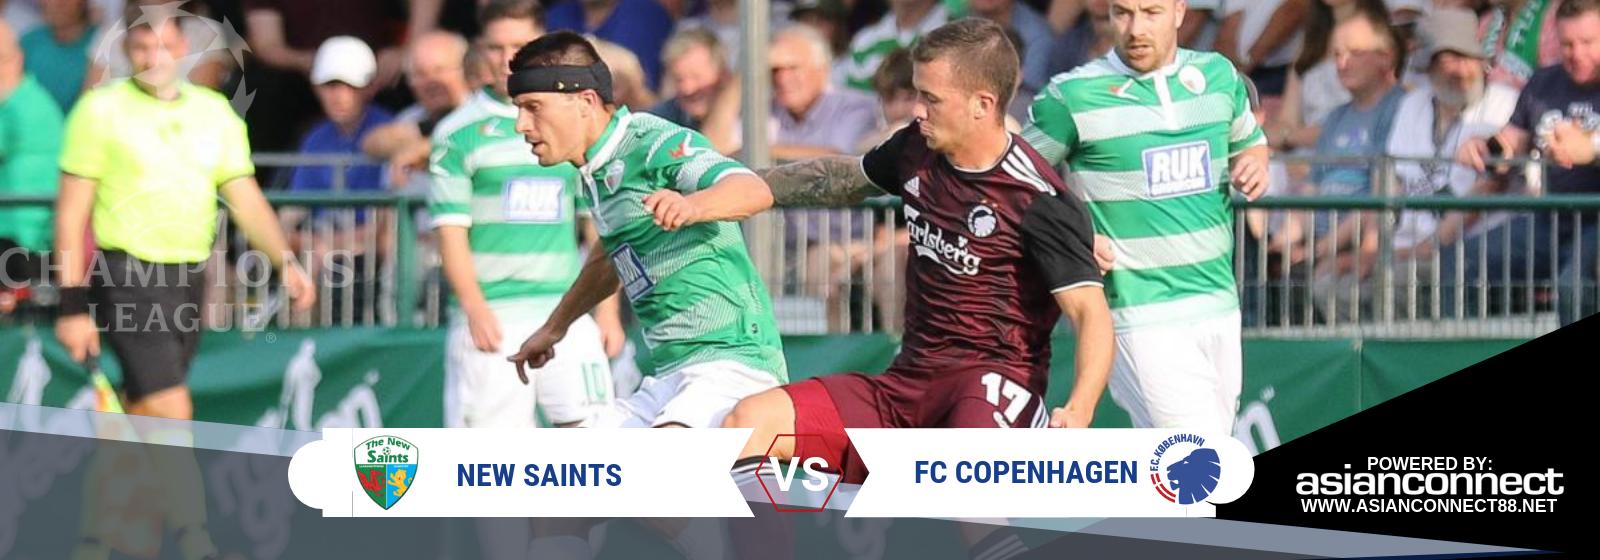 UCL New Saints Vs. FC Copenhagen Asian Connect